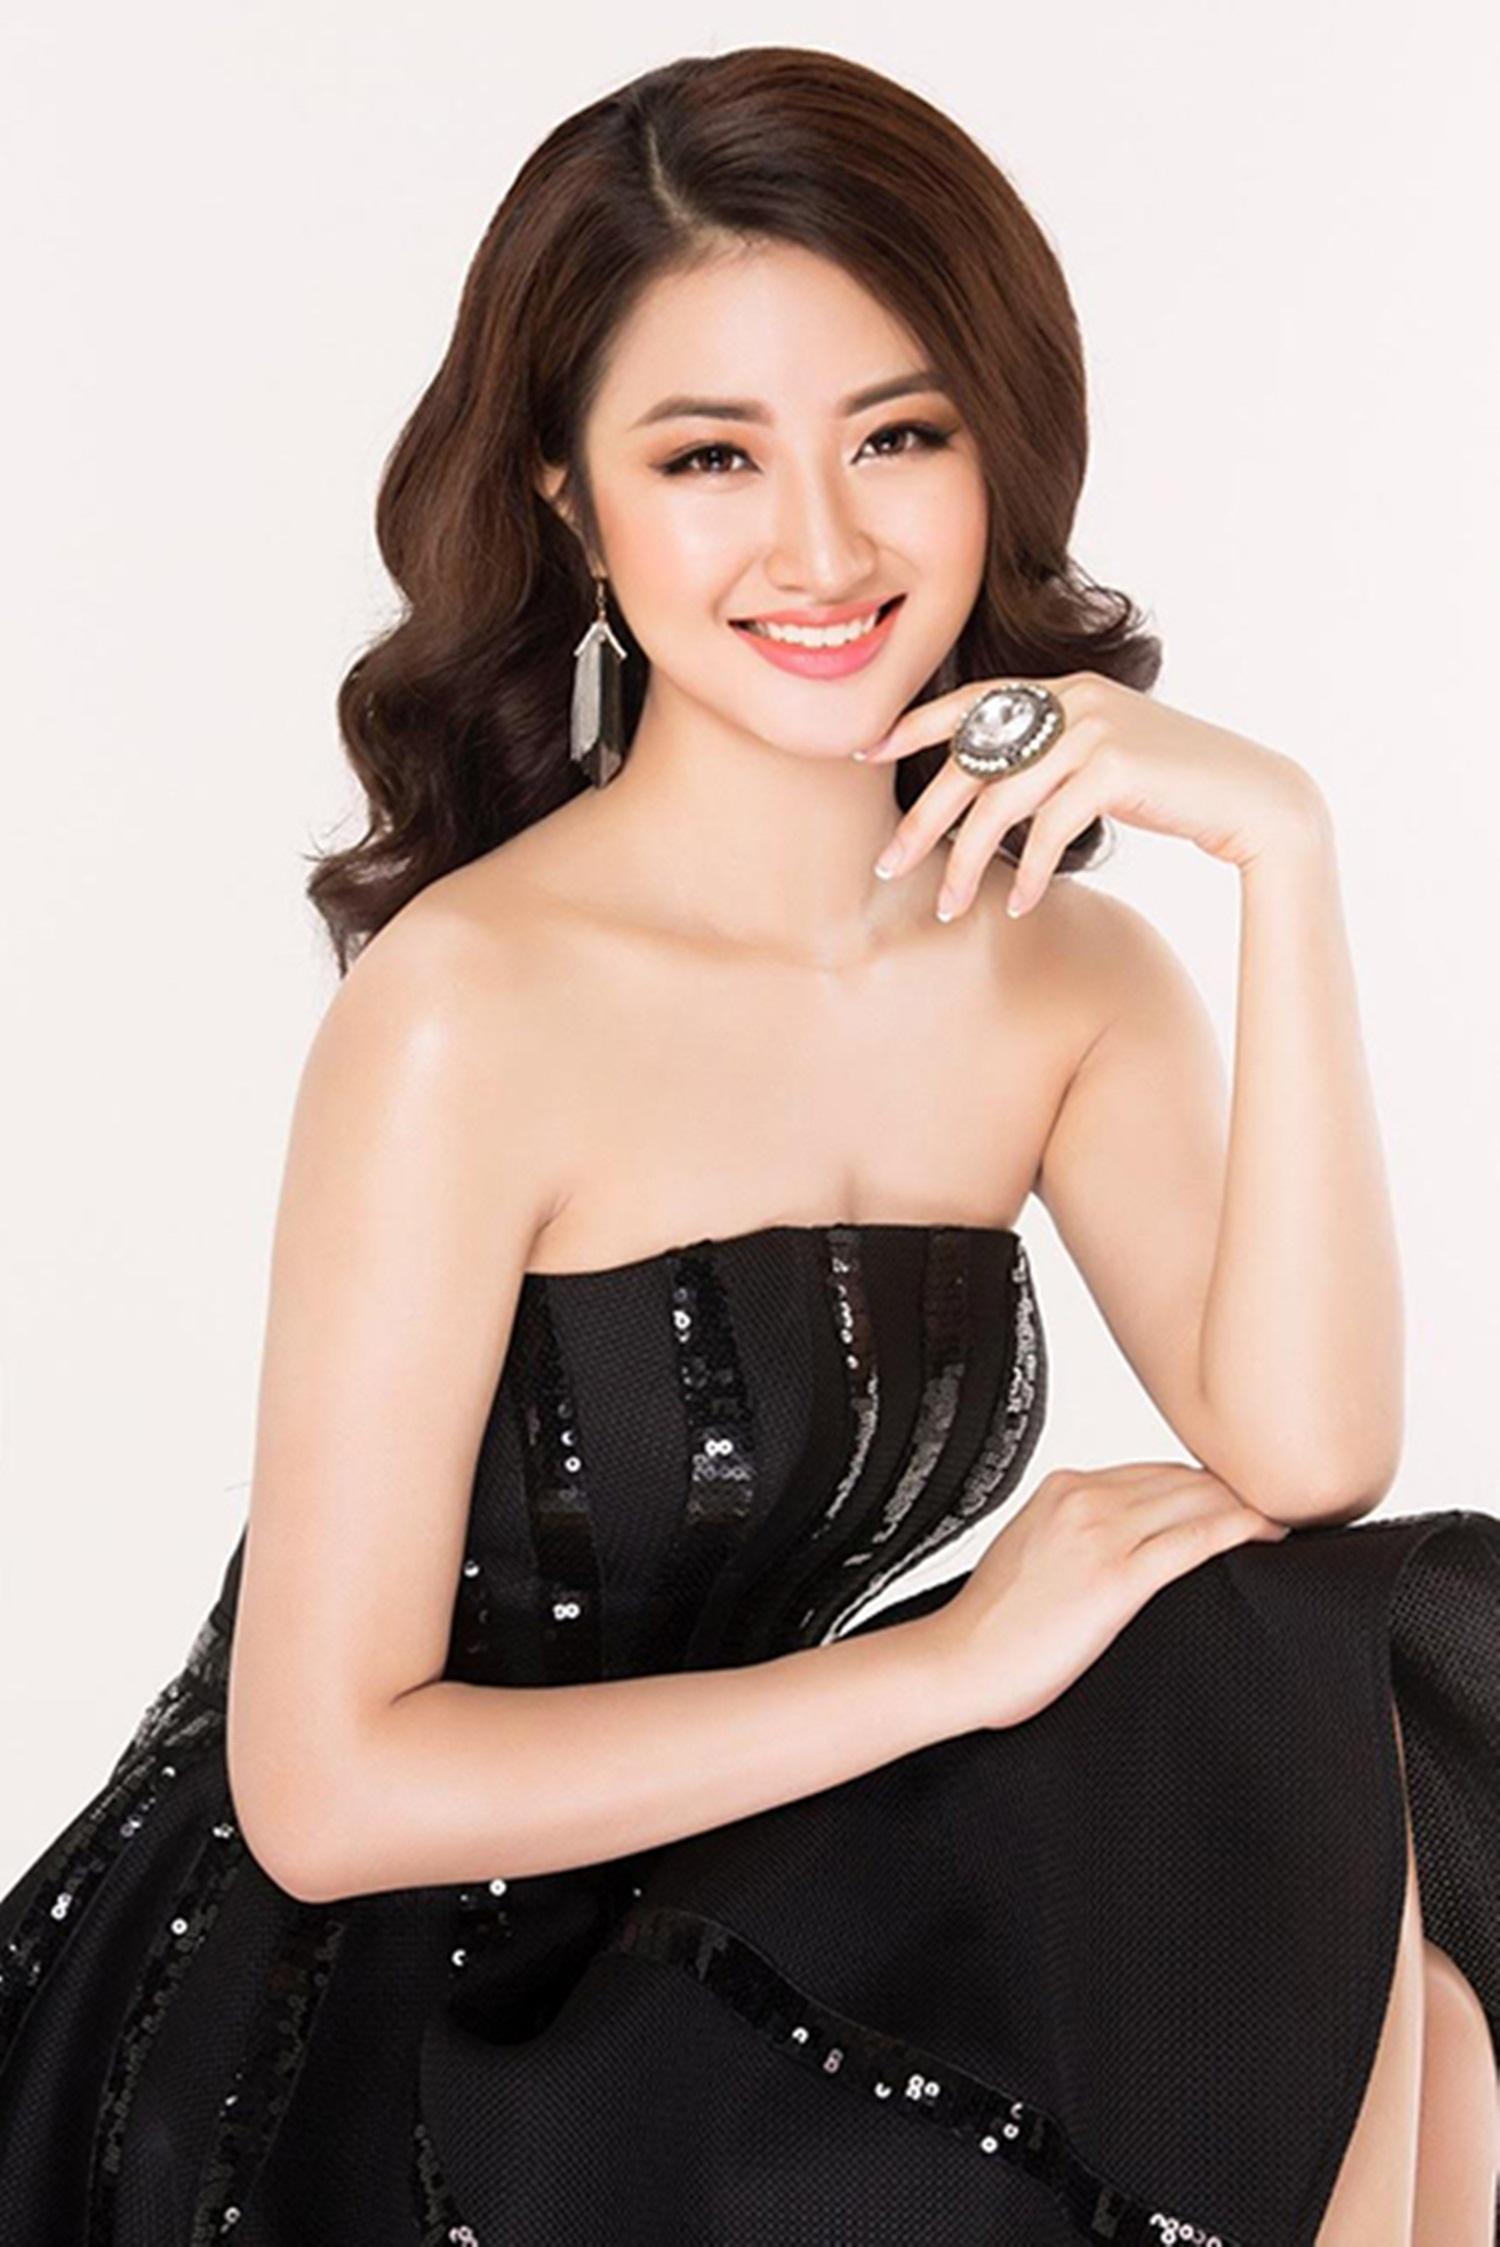 Hoa hậu Bản sắc Việt toàn cầu 2016 - người đẹp Trần Thị Thu Ngân sinh năm 1996 là sinh viên ngành Quản trị khách sạn tại Thụy Sĩ.